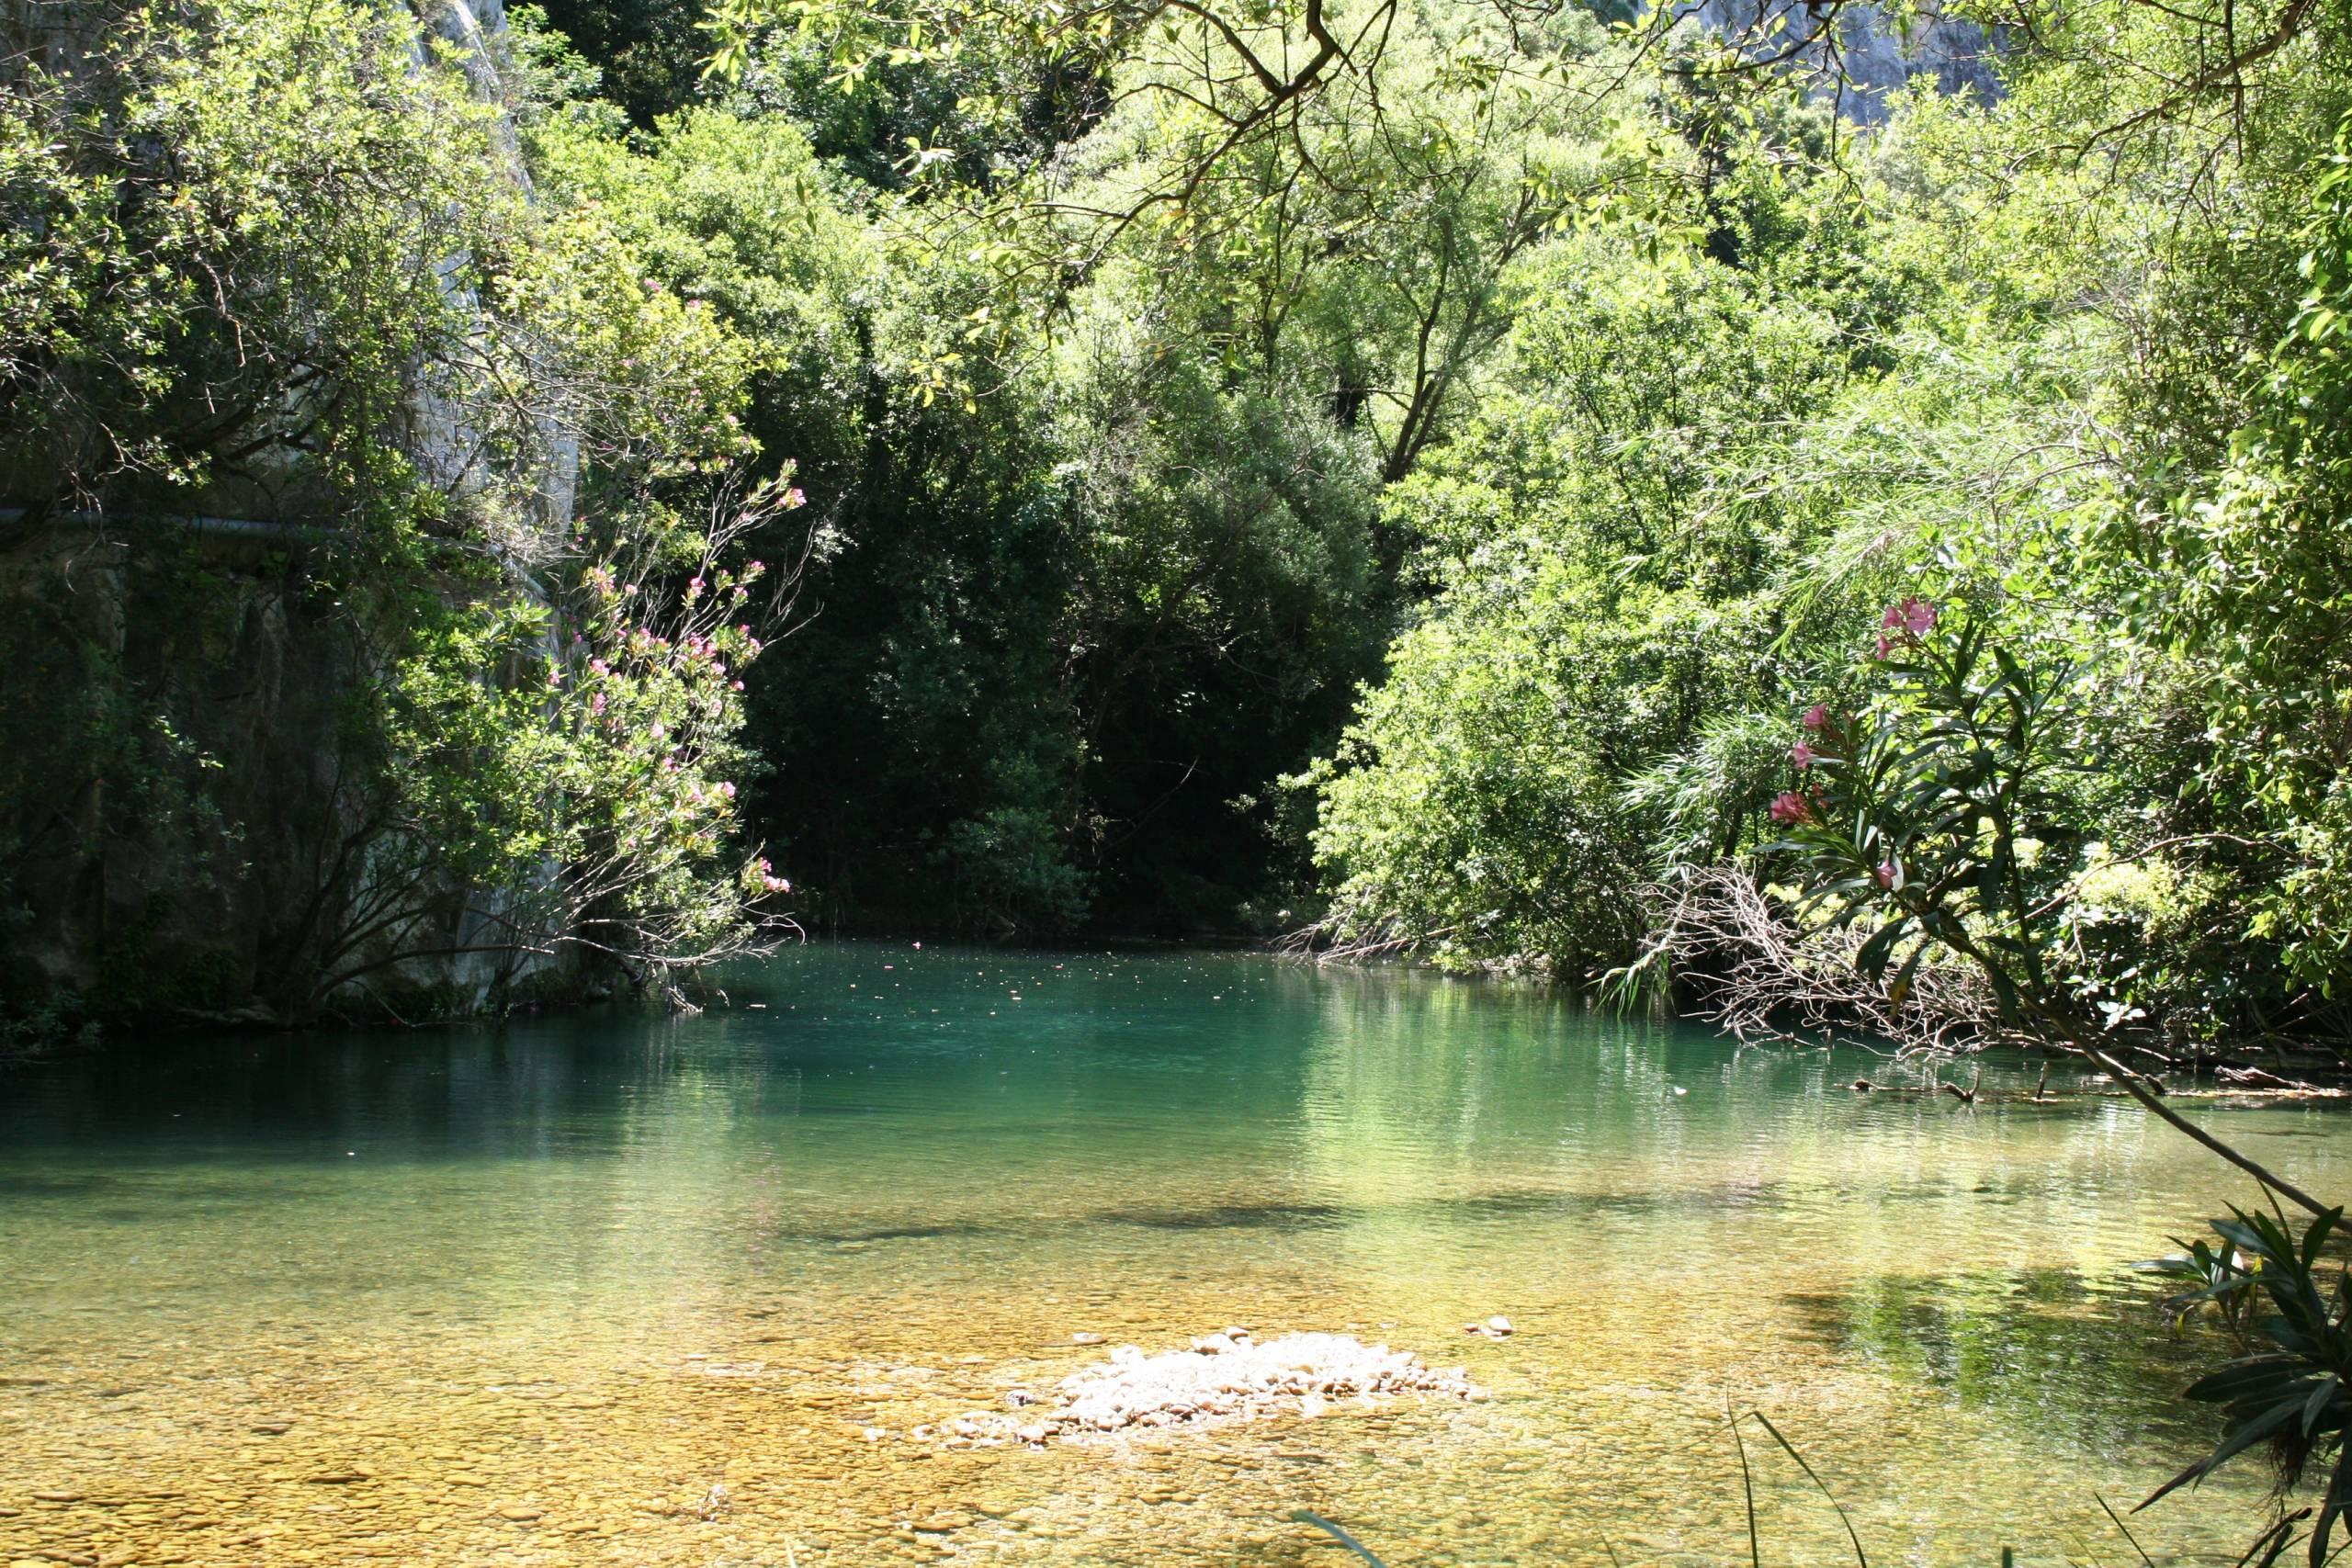 Body of water Vallo dell'Anapo